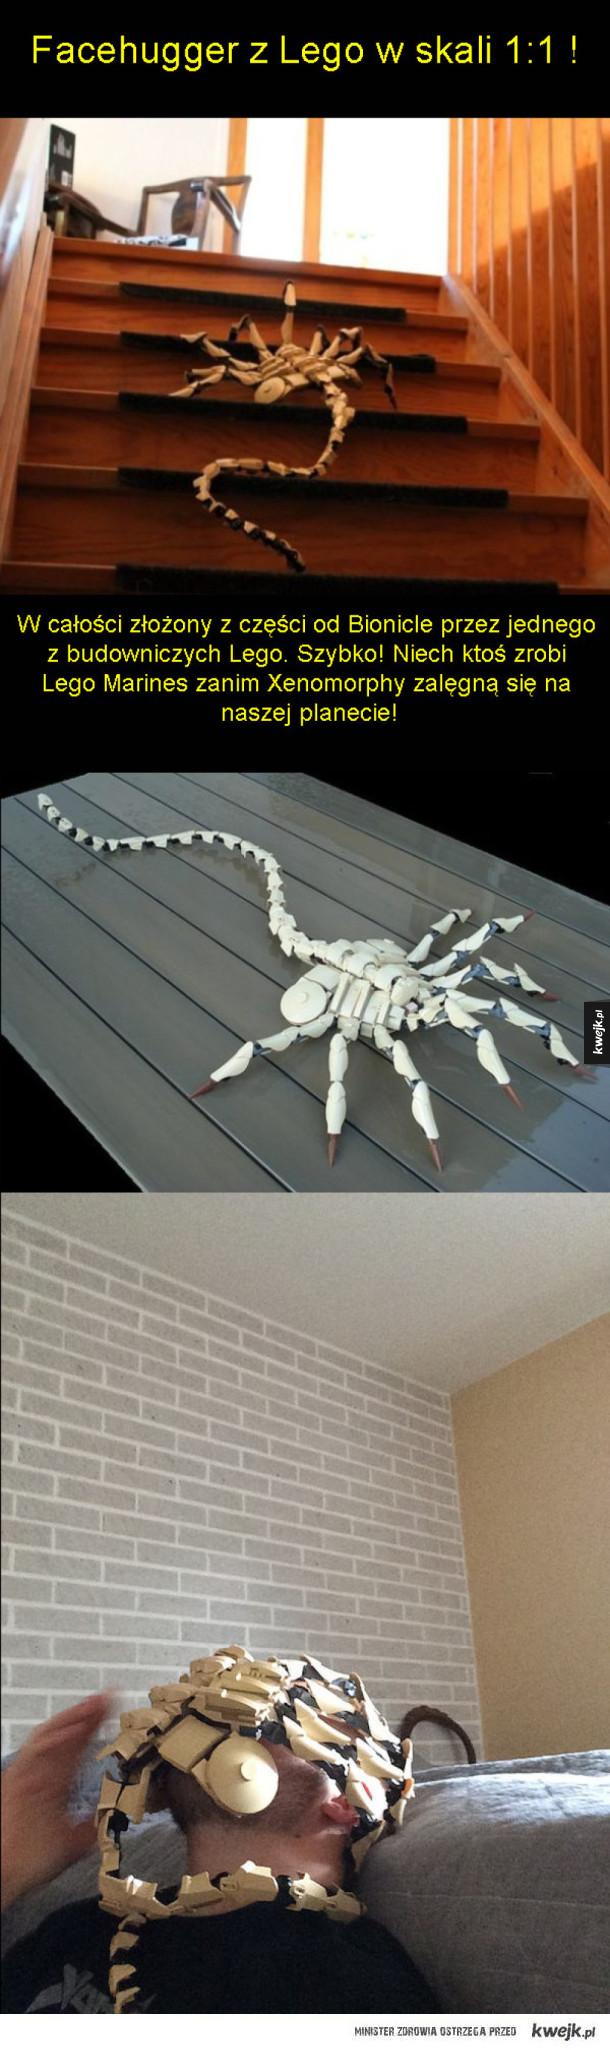 Lego Izolacja!